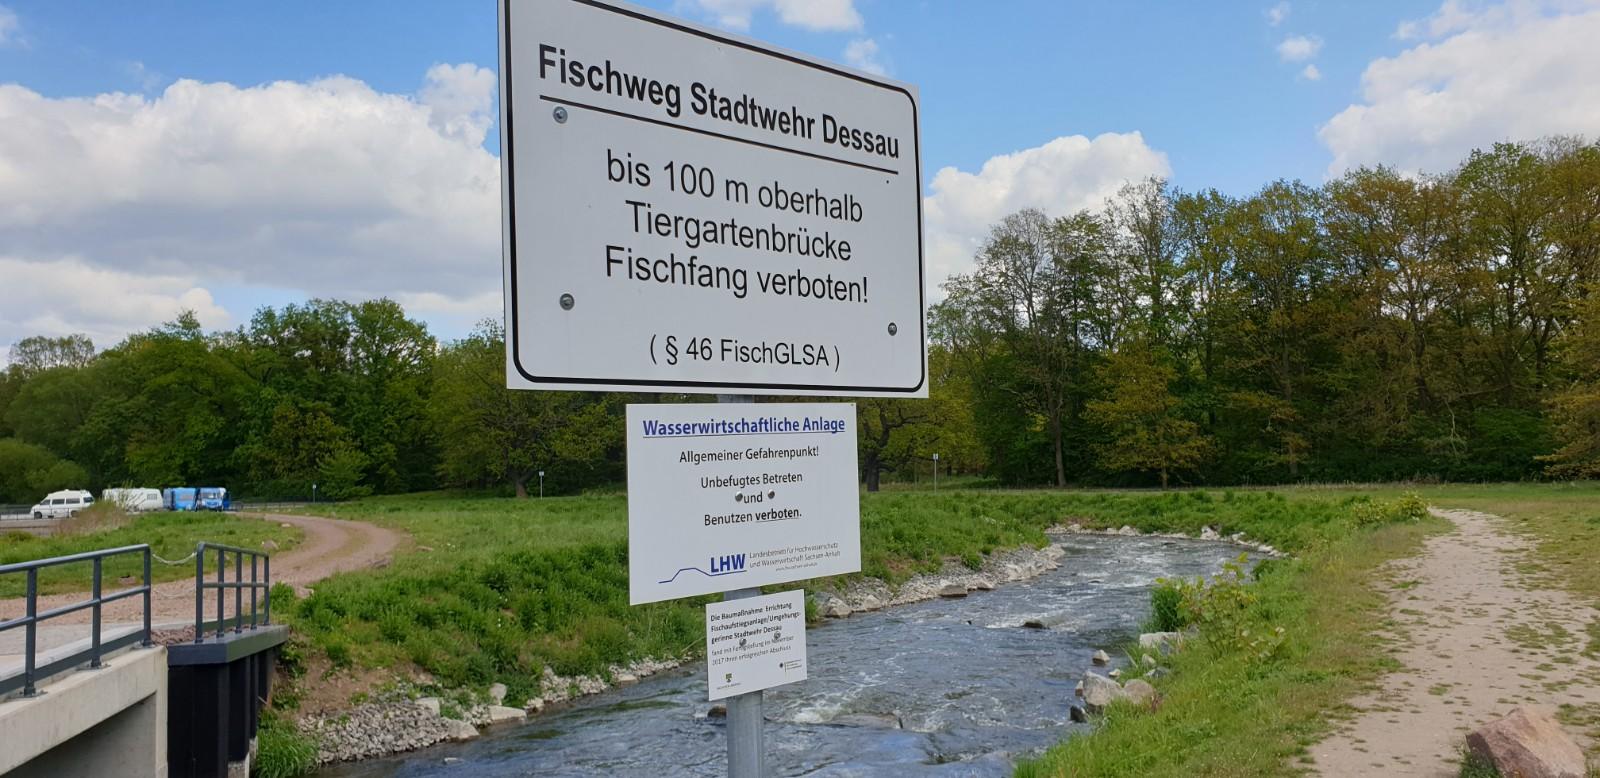 Vom MDR vor kurzem vorgestellt: Fischweg für 7,3 Mio €; leider ohne Kanupaß!